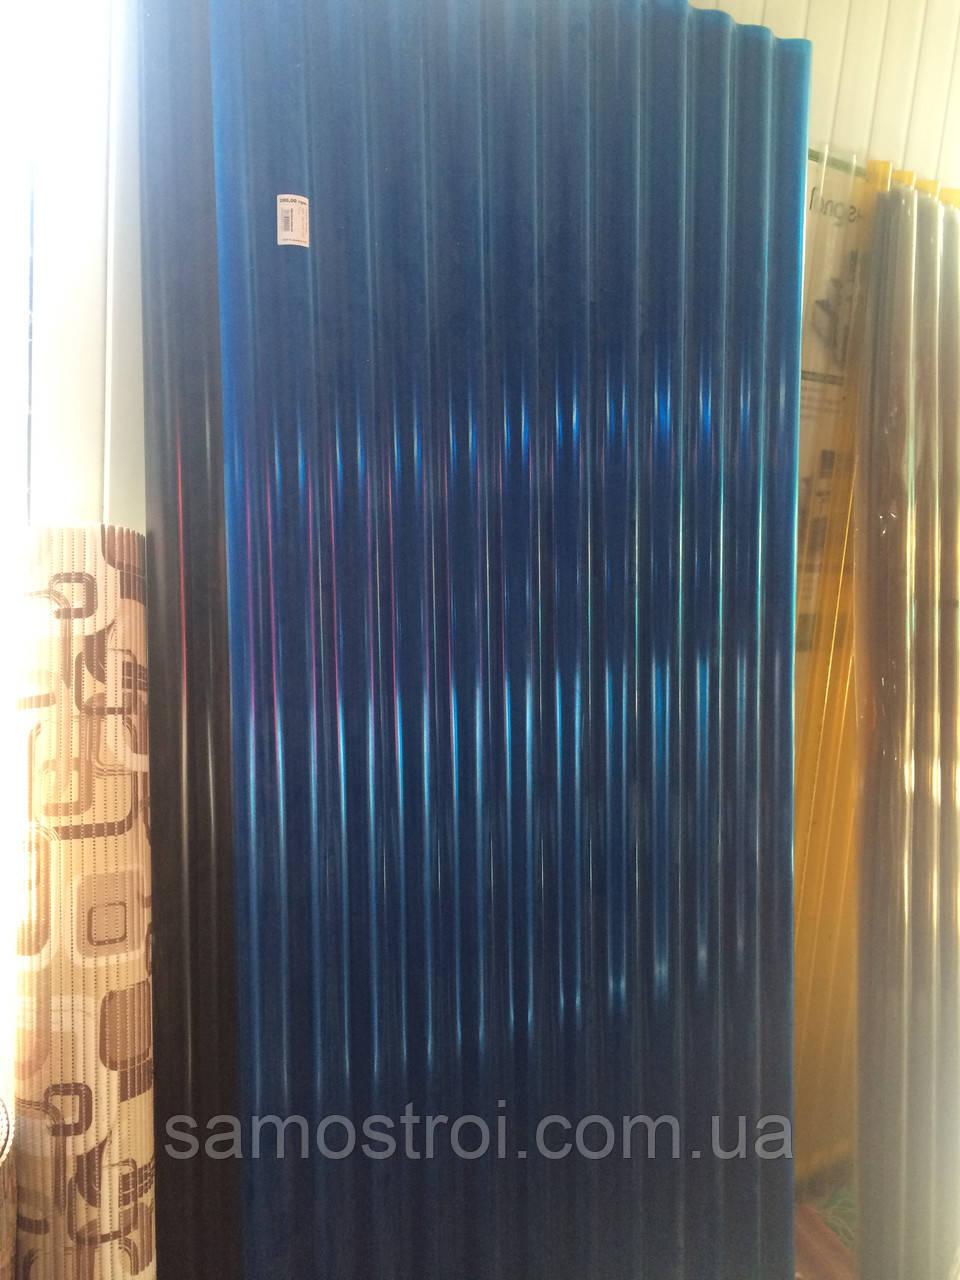 Шифер пластиковый листовой Синий 0,87м*2,0м (1,74м2/лист)